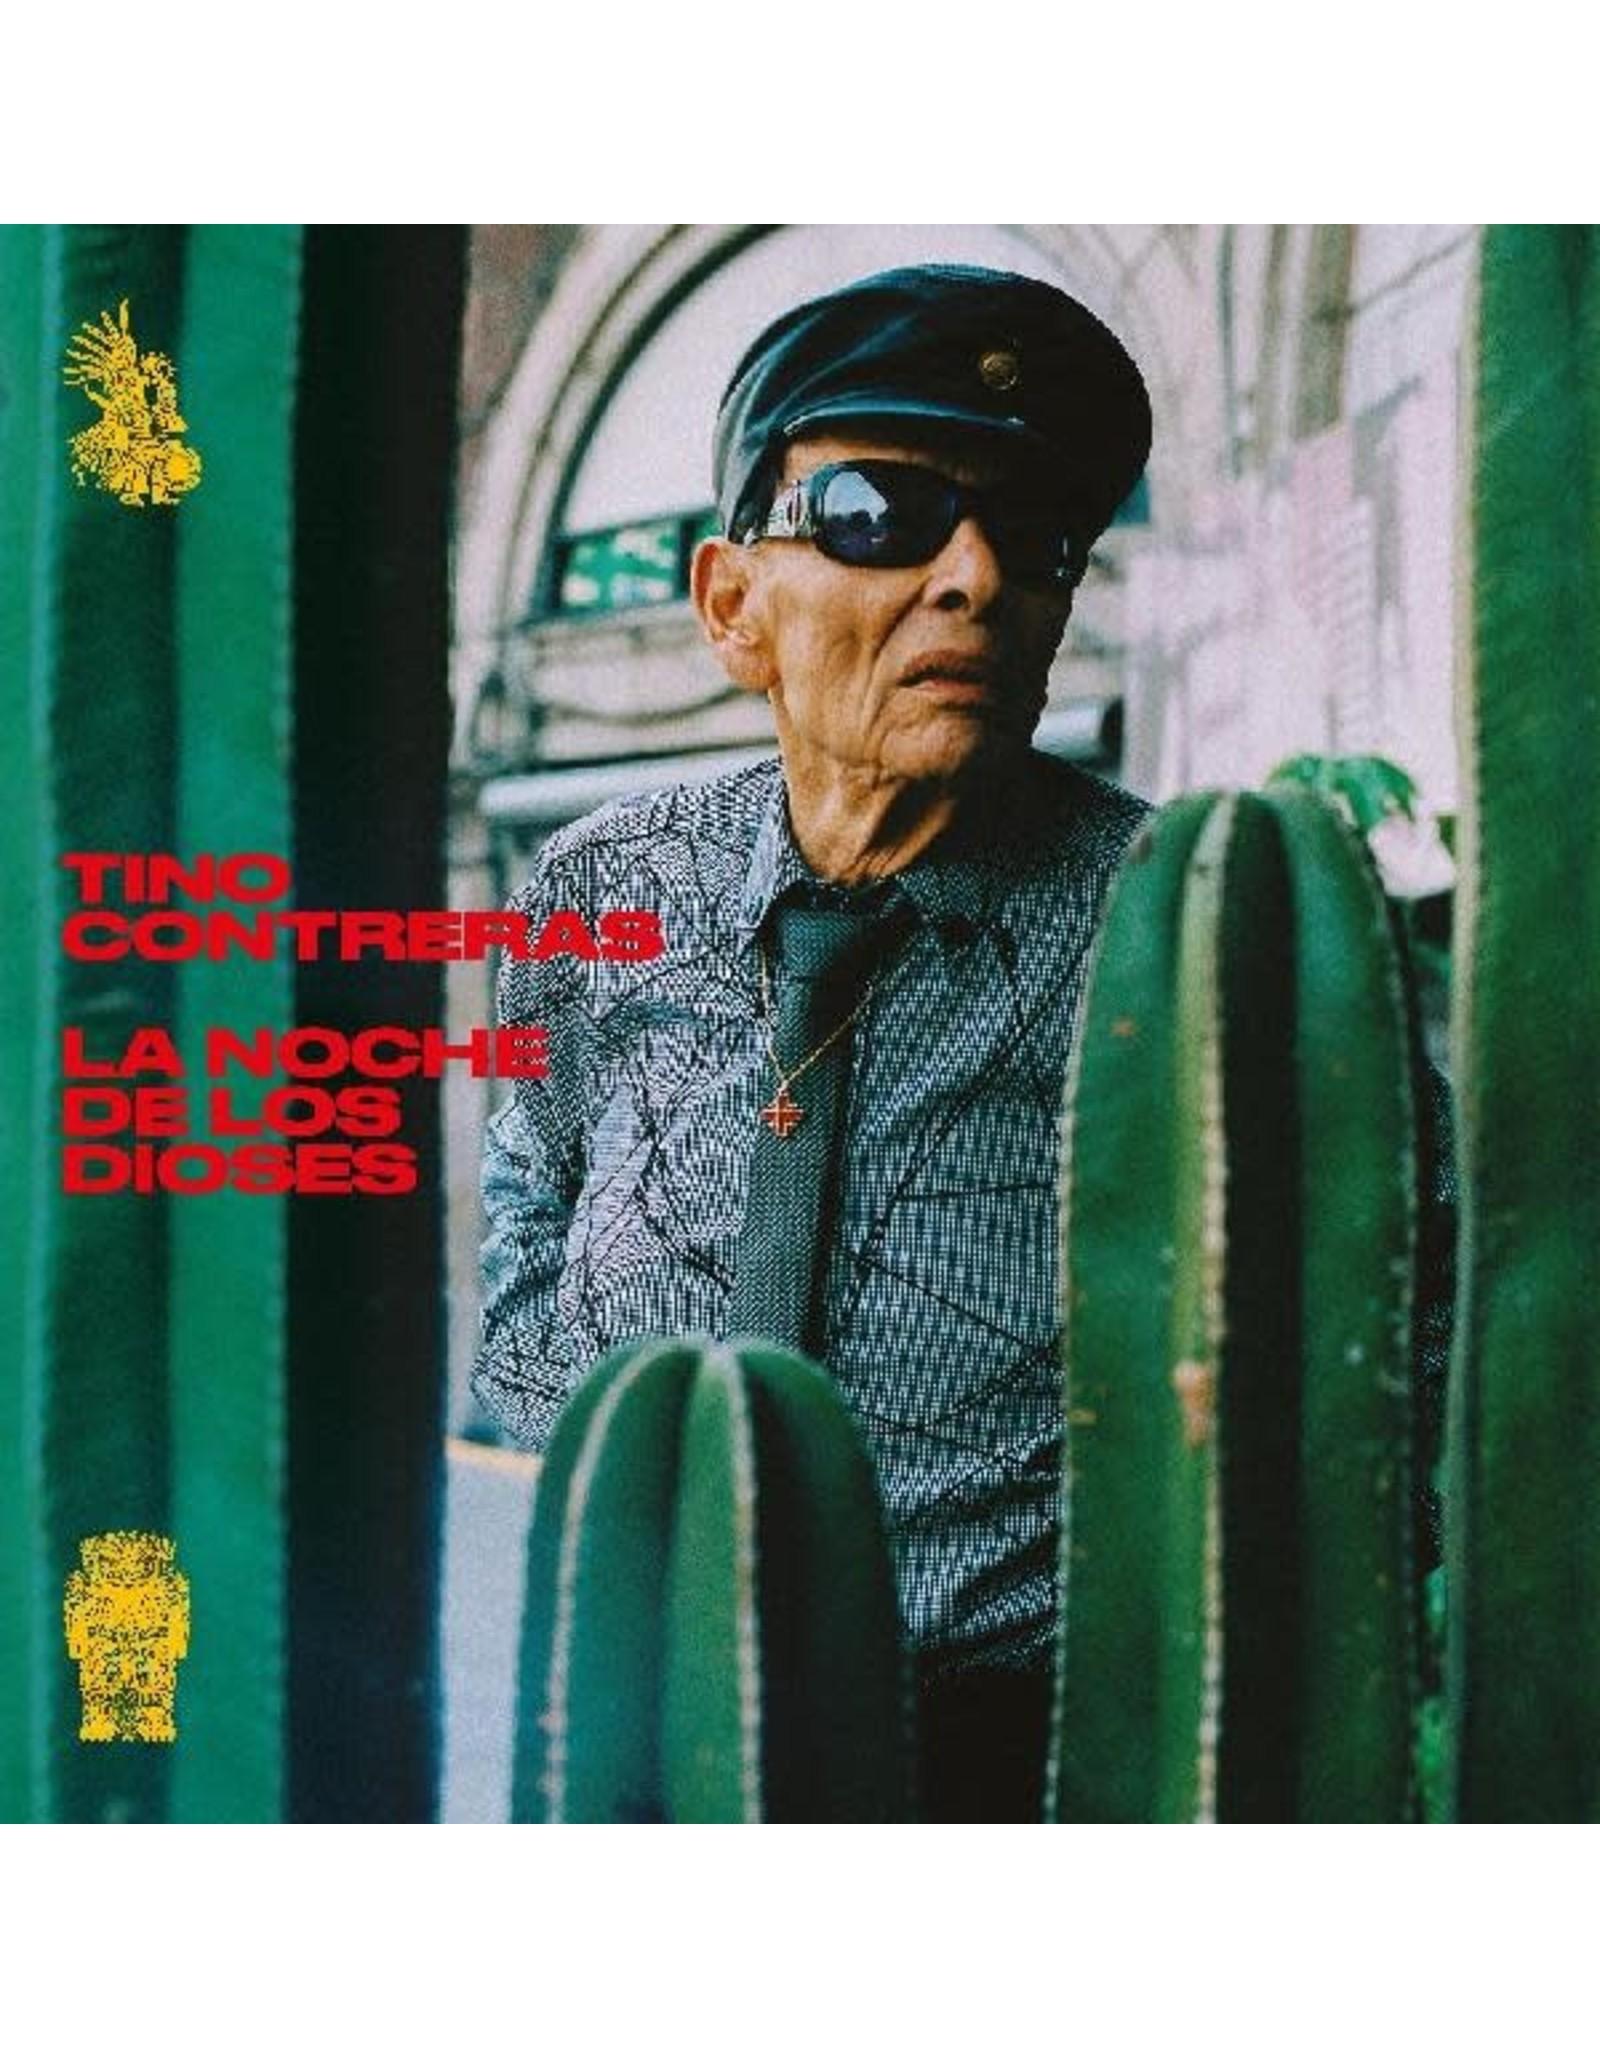 New Vinyl Tino Contreras - La Noche De Los Dioses LP